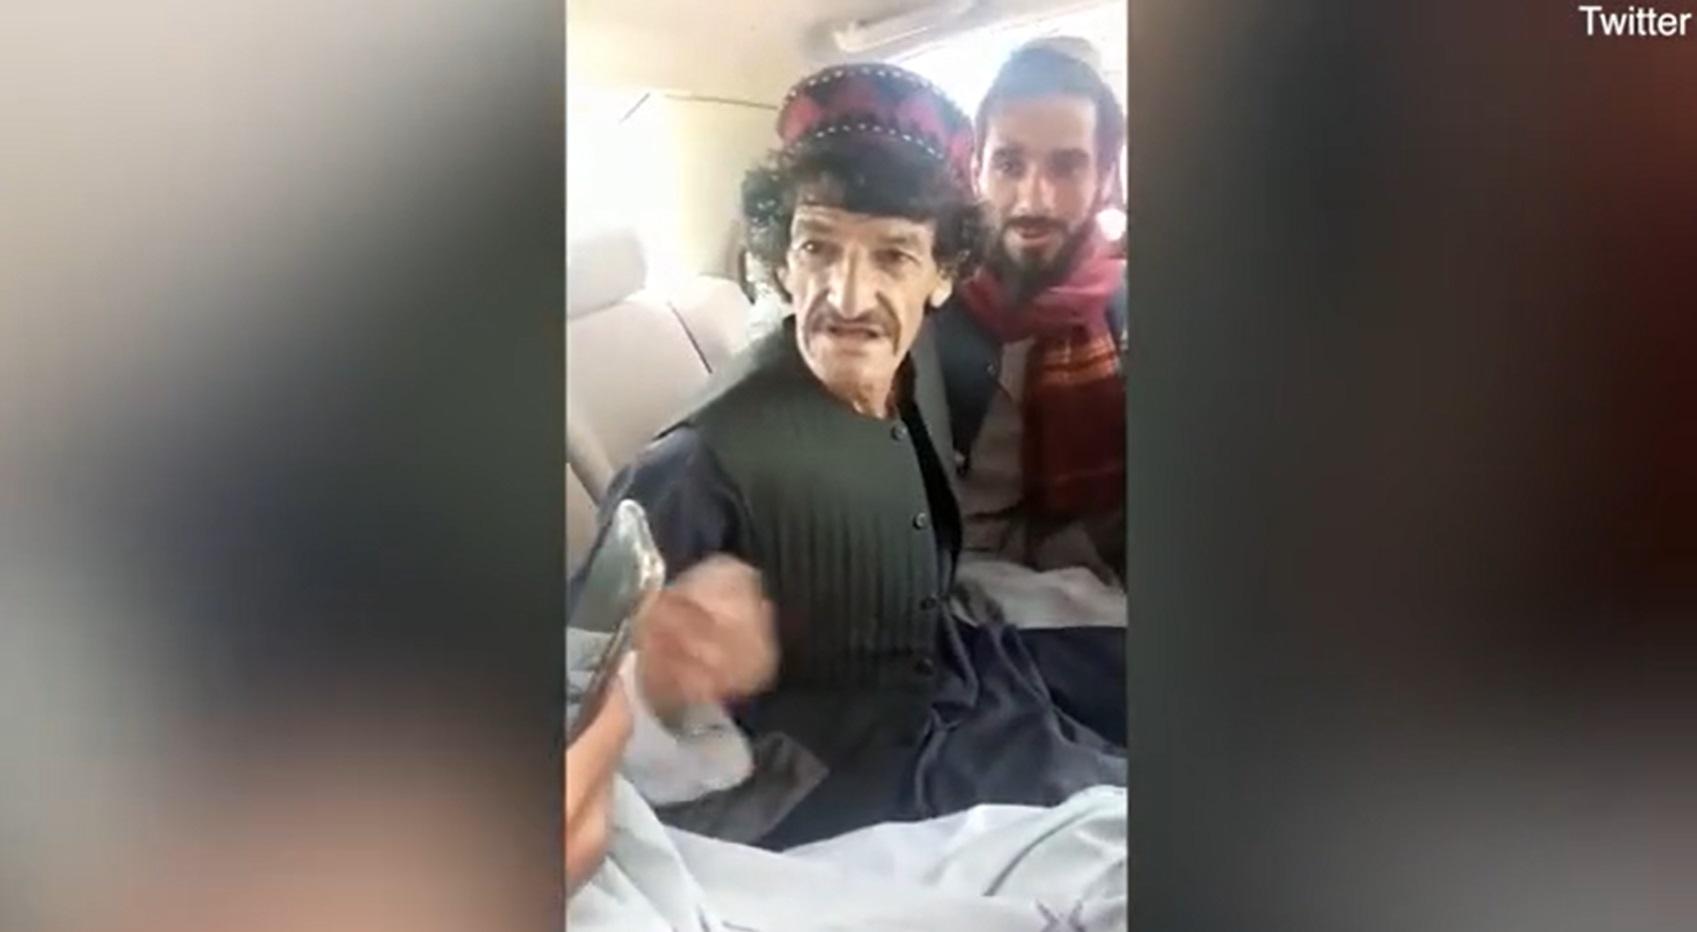 Un cunoscut comediant afgan a fost executat de talibani, pentru că a făcut glume pe seama lor. VIDEO